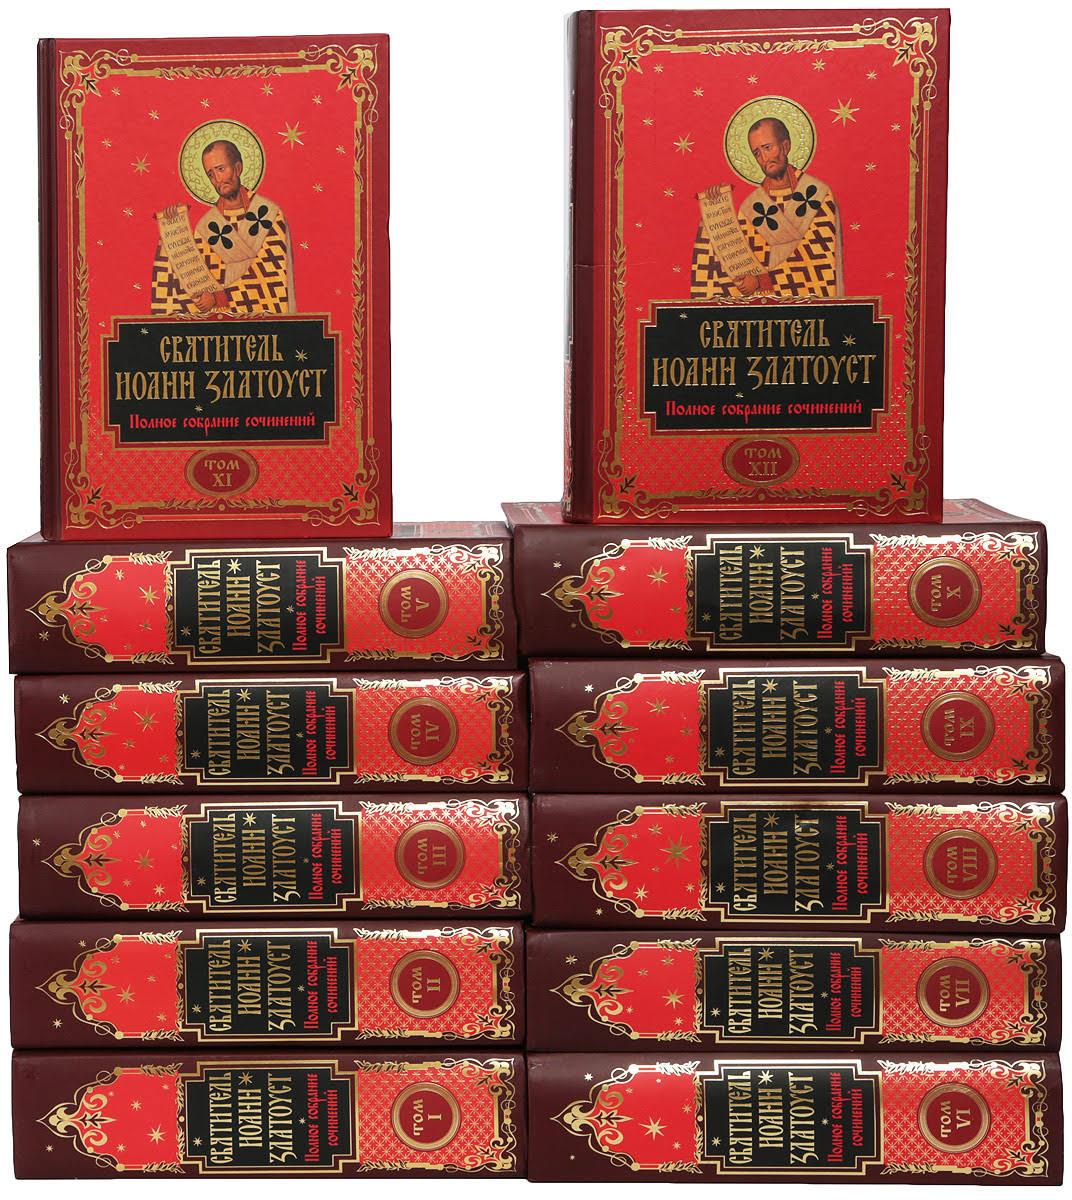 Полное собрание сочинений святителя Иоанна Златоуста в двенадцати томах (комплект в коробах)